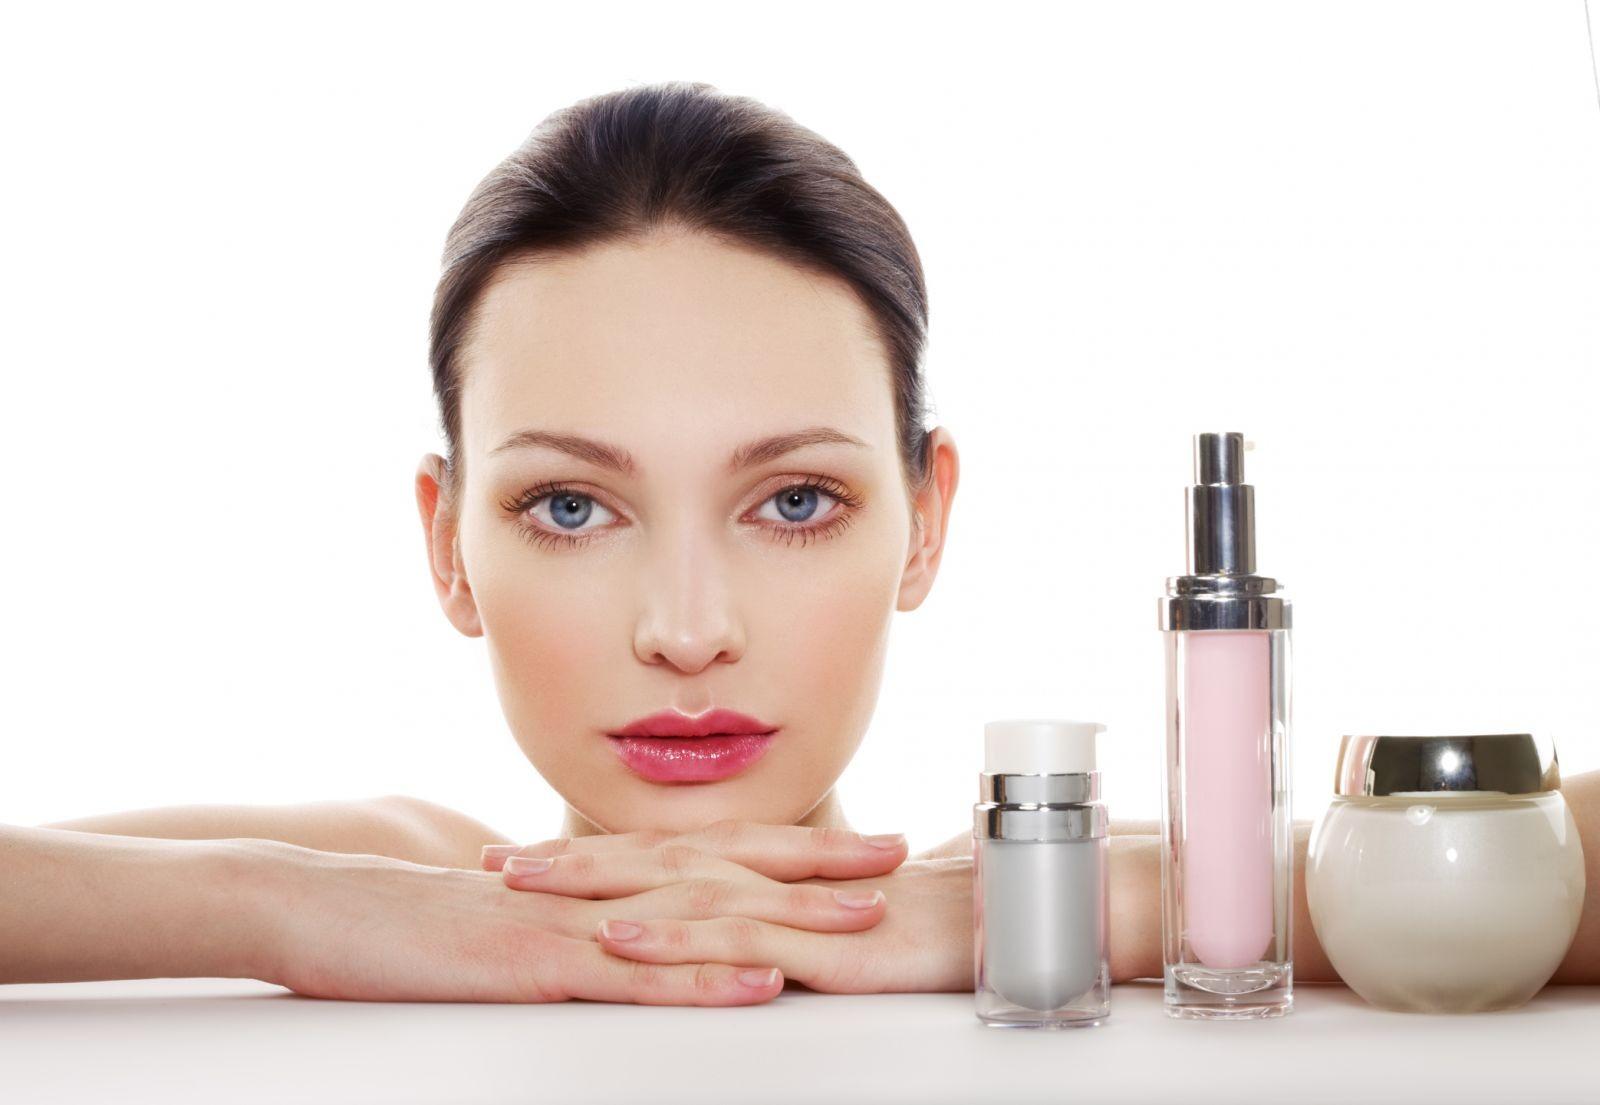 Sử dụng các sản phẩm dưỡng ẩm dành cho mùa đông sẽ mang đến làn da mềm mại, căng mướt hơn